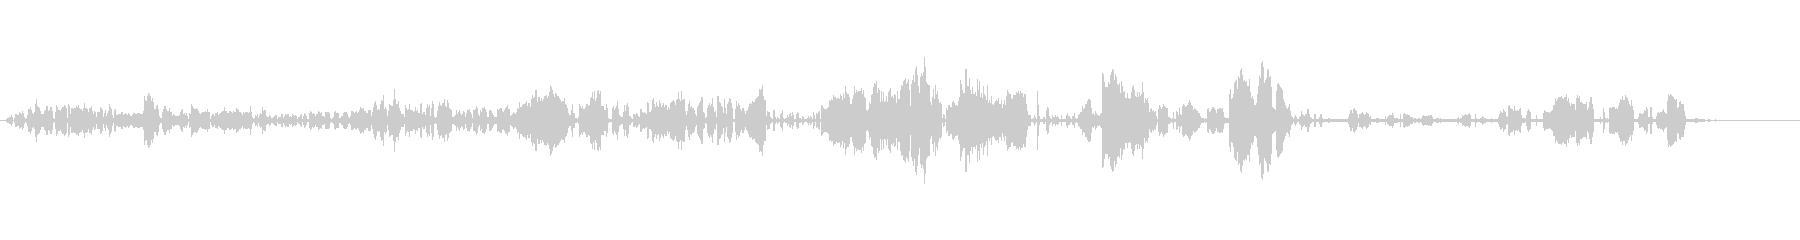 アジサシ-STERNA HIRUNDO-の未再生の波形